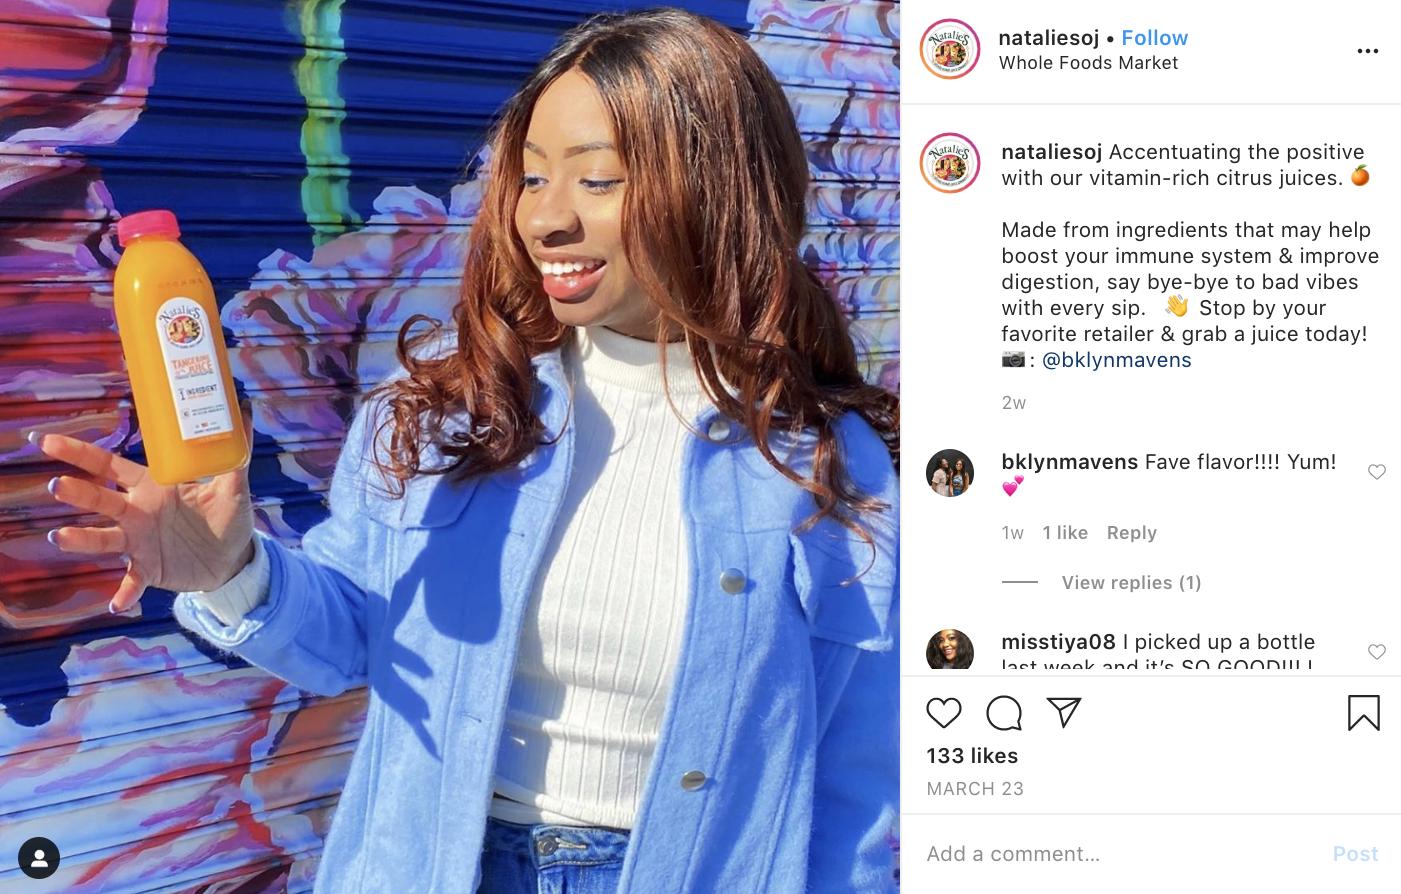 A Natalie's Juice social post highlighting their immune-boosting properties.